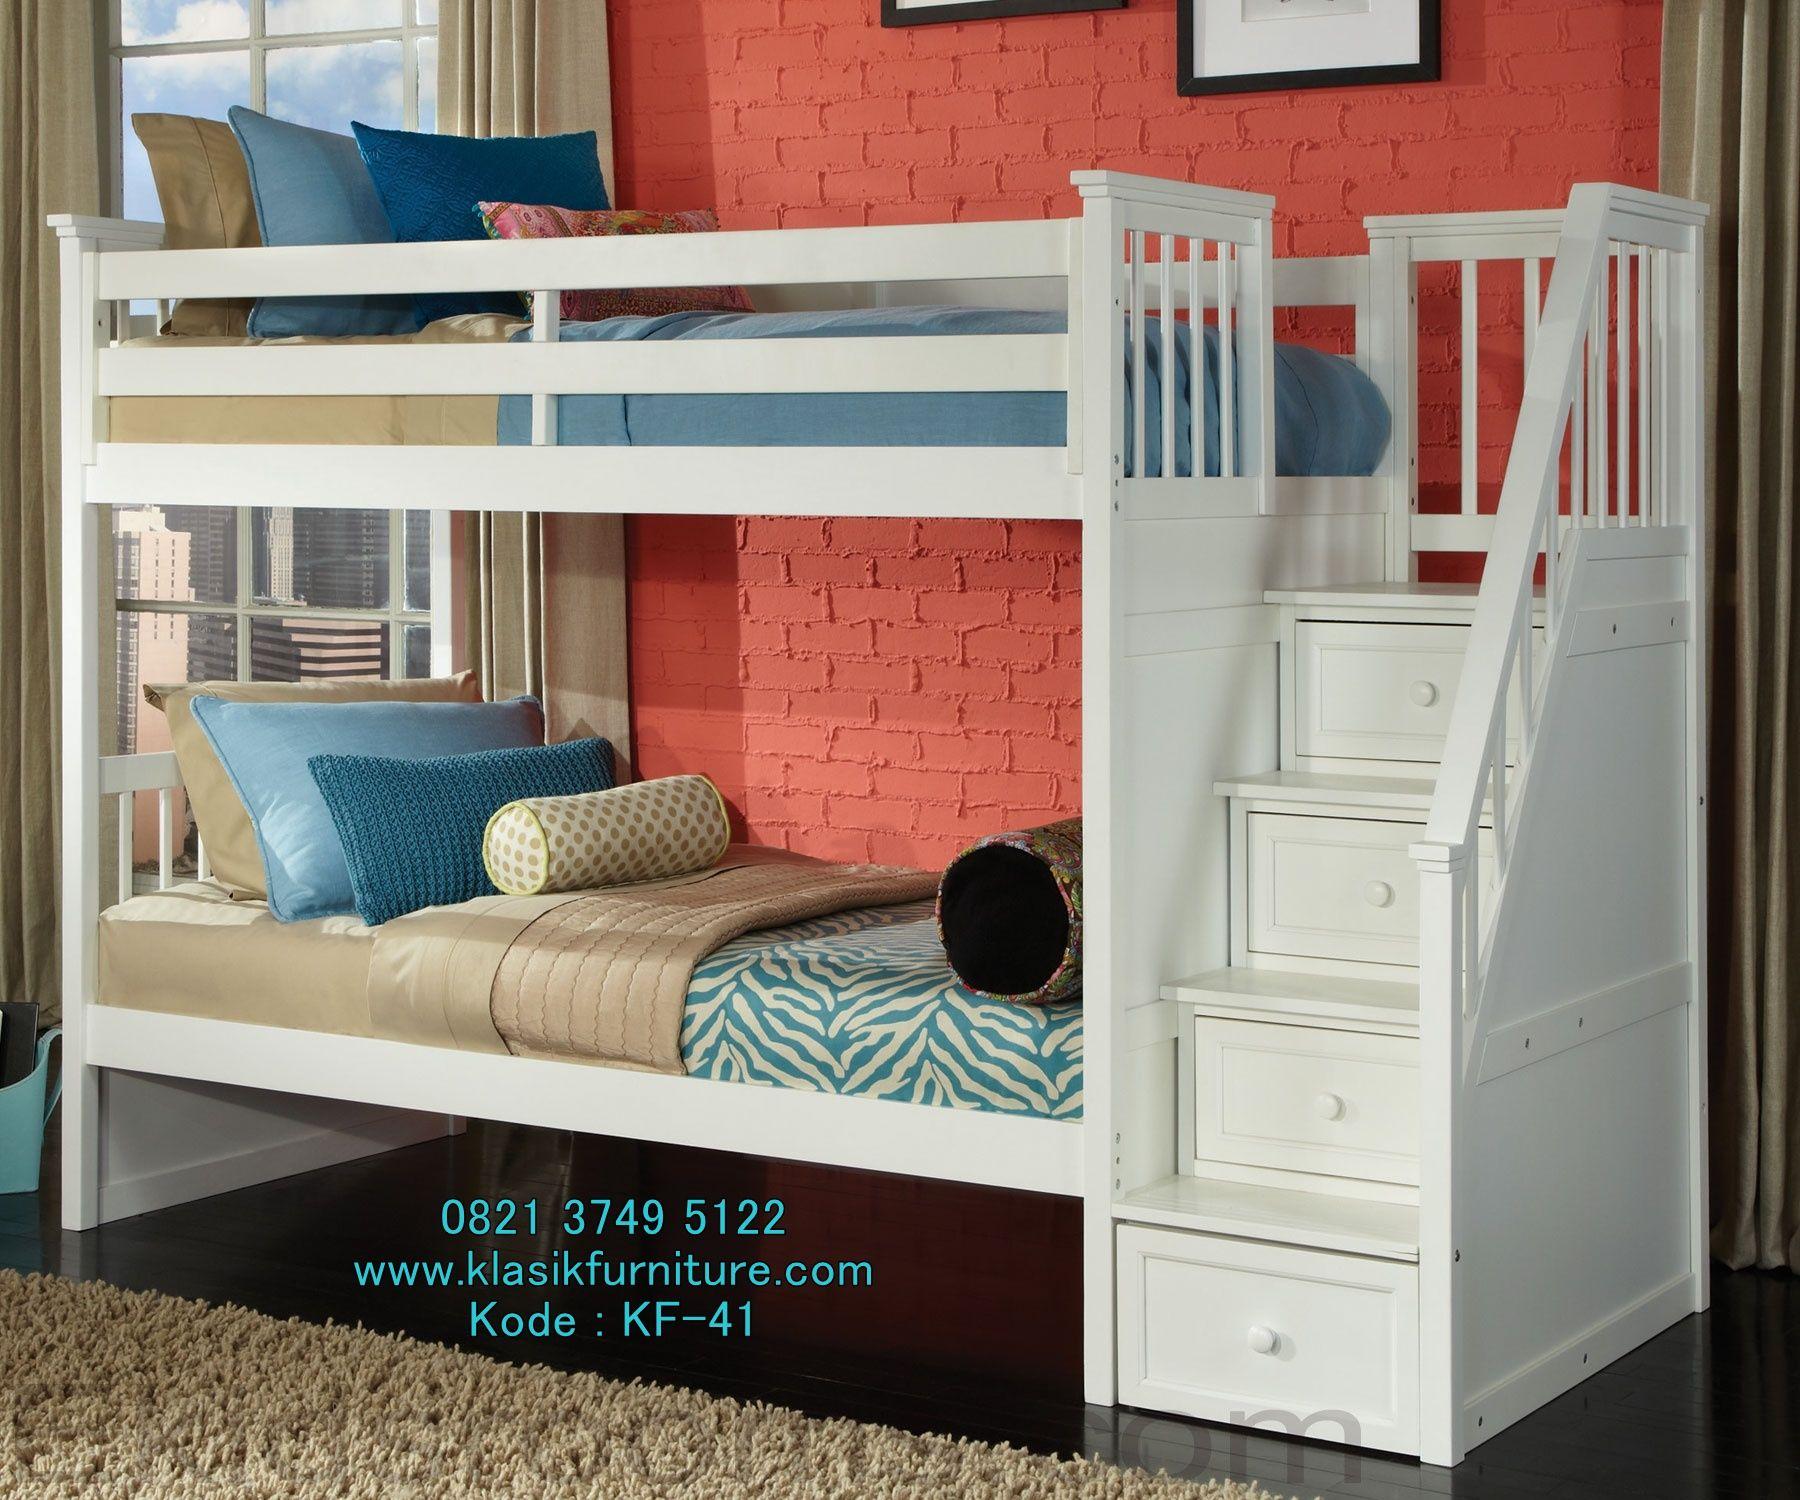 Tempat tidur tingkat simple jual anak model minimalis ukir maupun desain klasik also rh pinterest